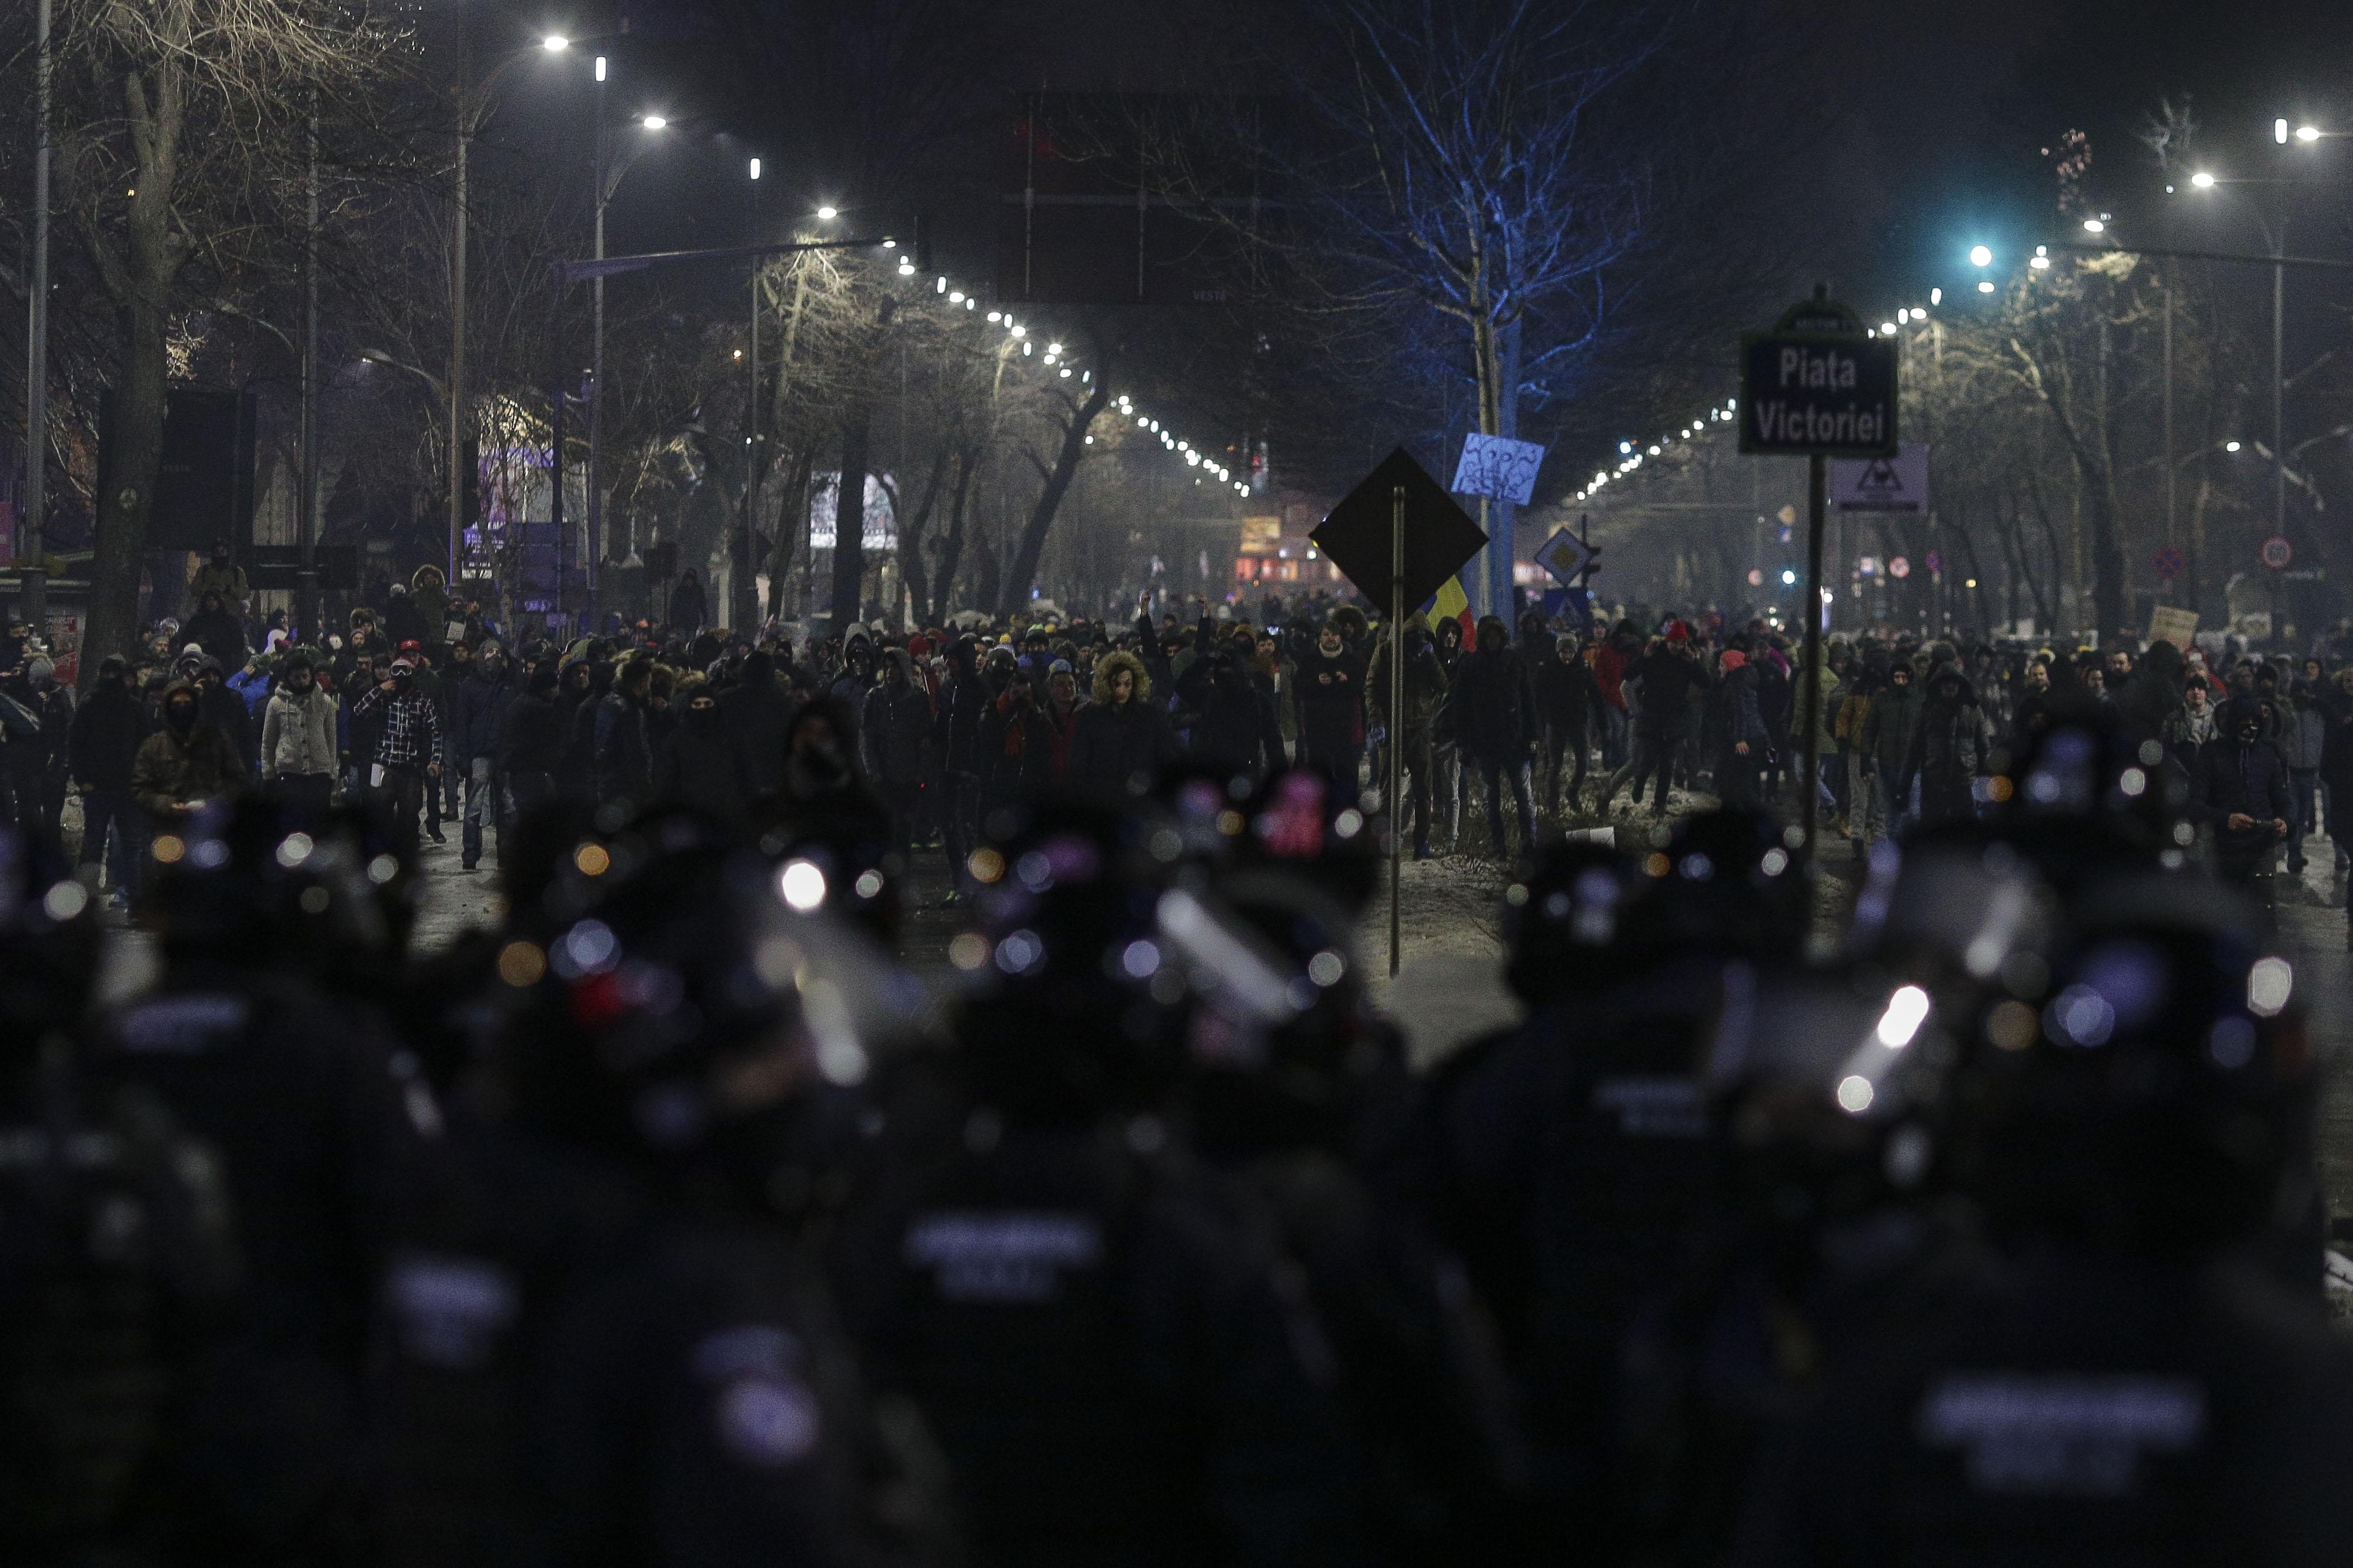 170201_PIATA_VICTORIEI_PROTEST_VIOLENTE_06_INQUAM_Octav_Ganea